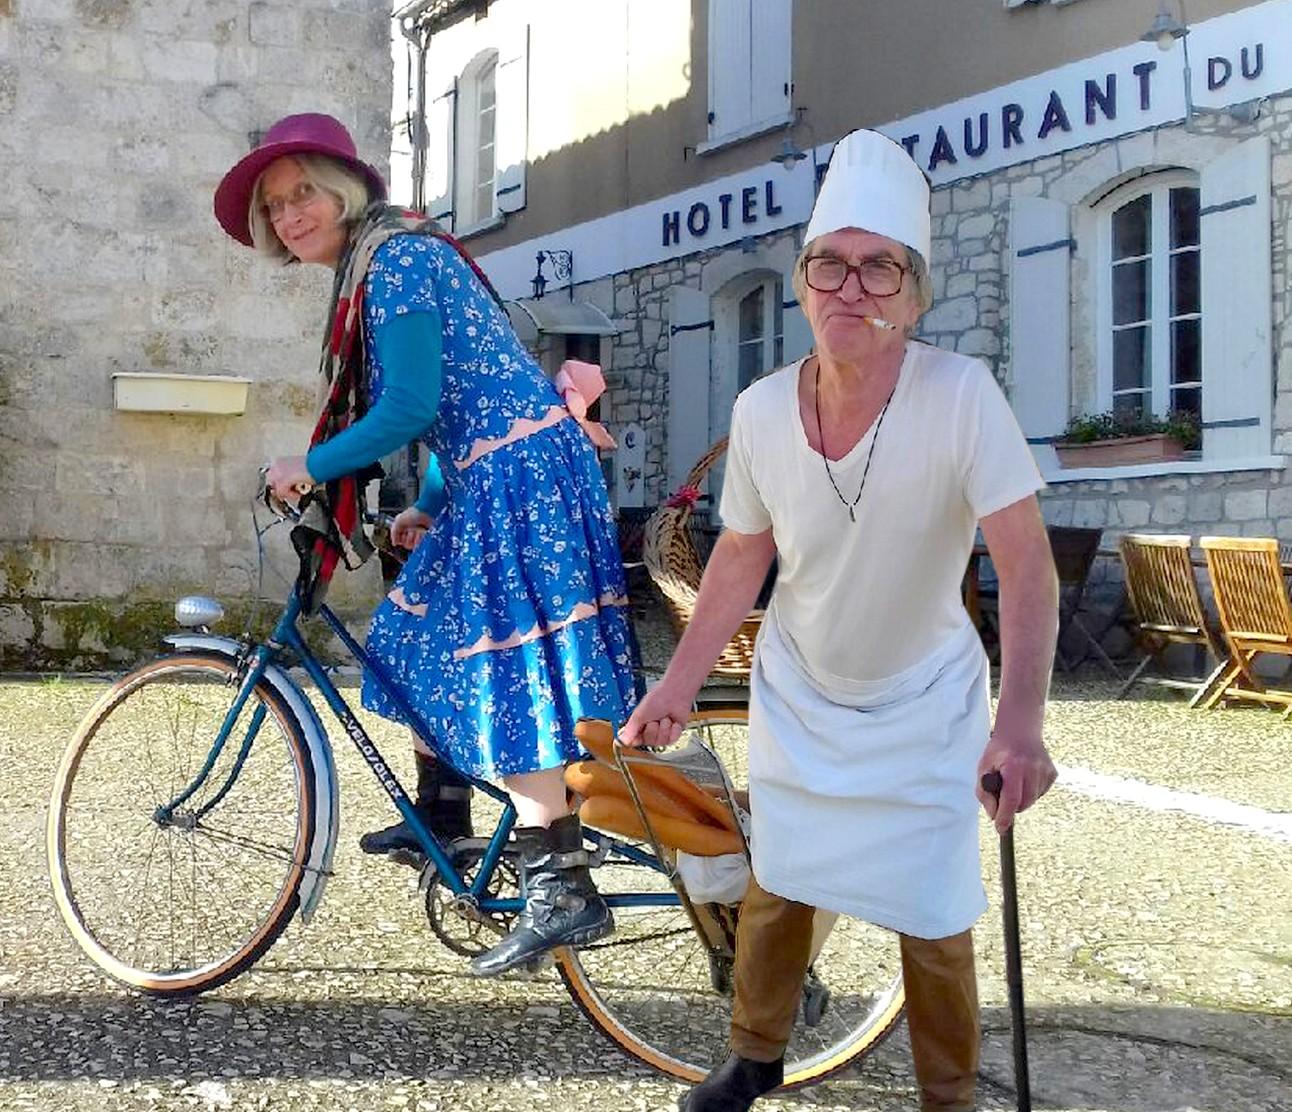 Scènes de rue et Escape Game rural à Tournon d'Agenais Tournon-d'Agenais